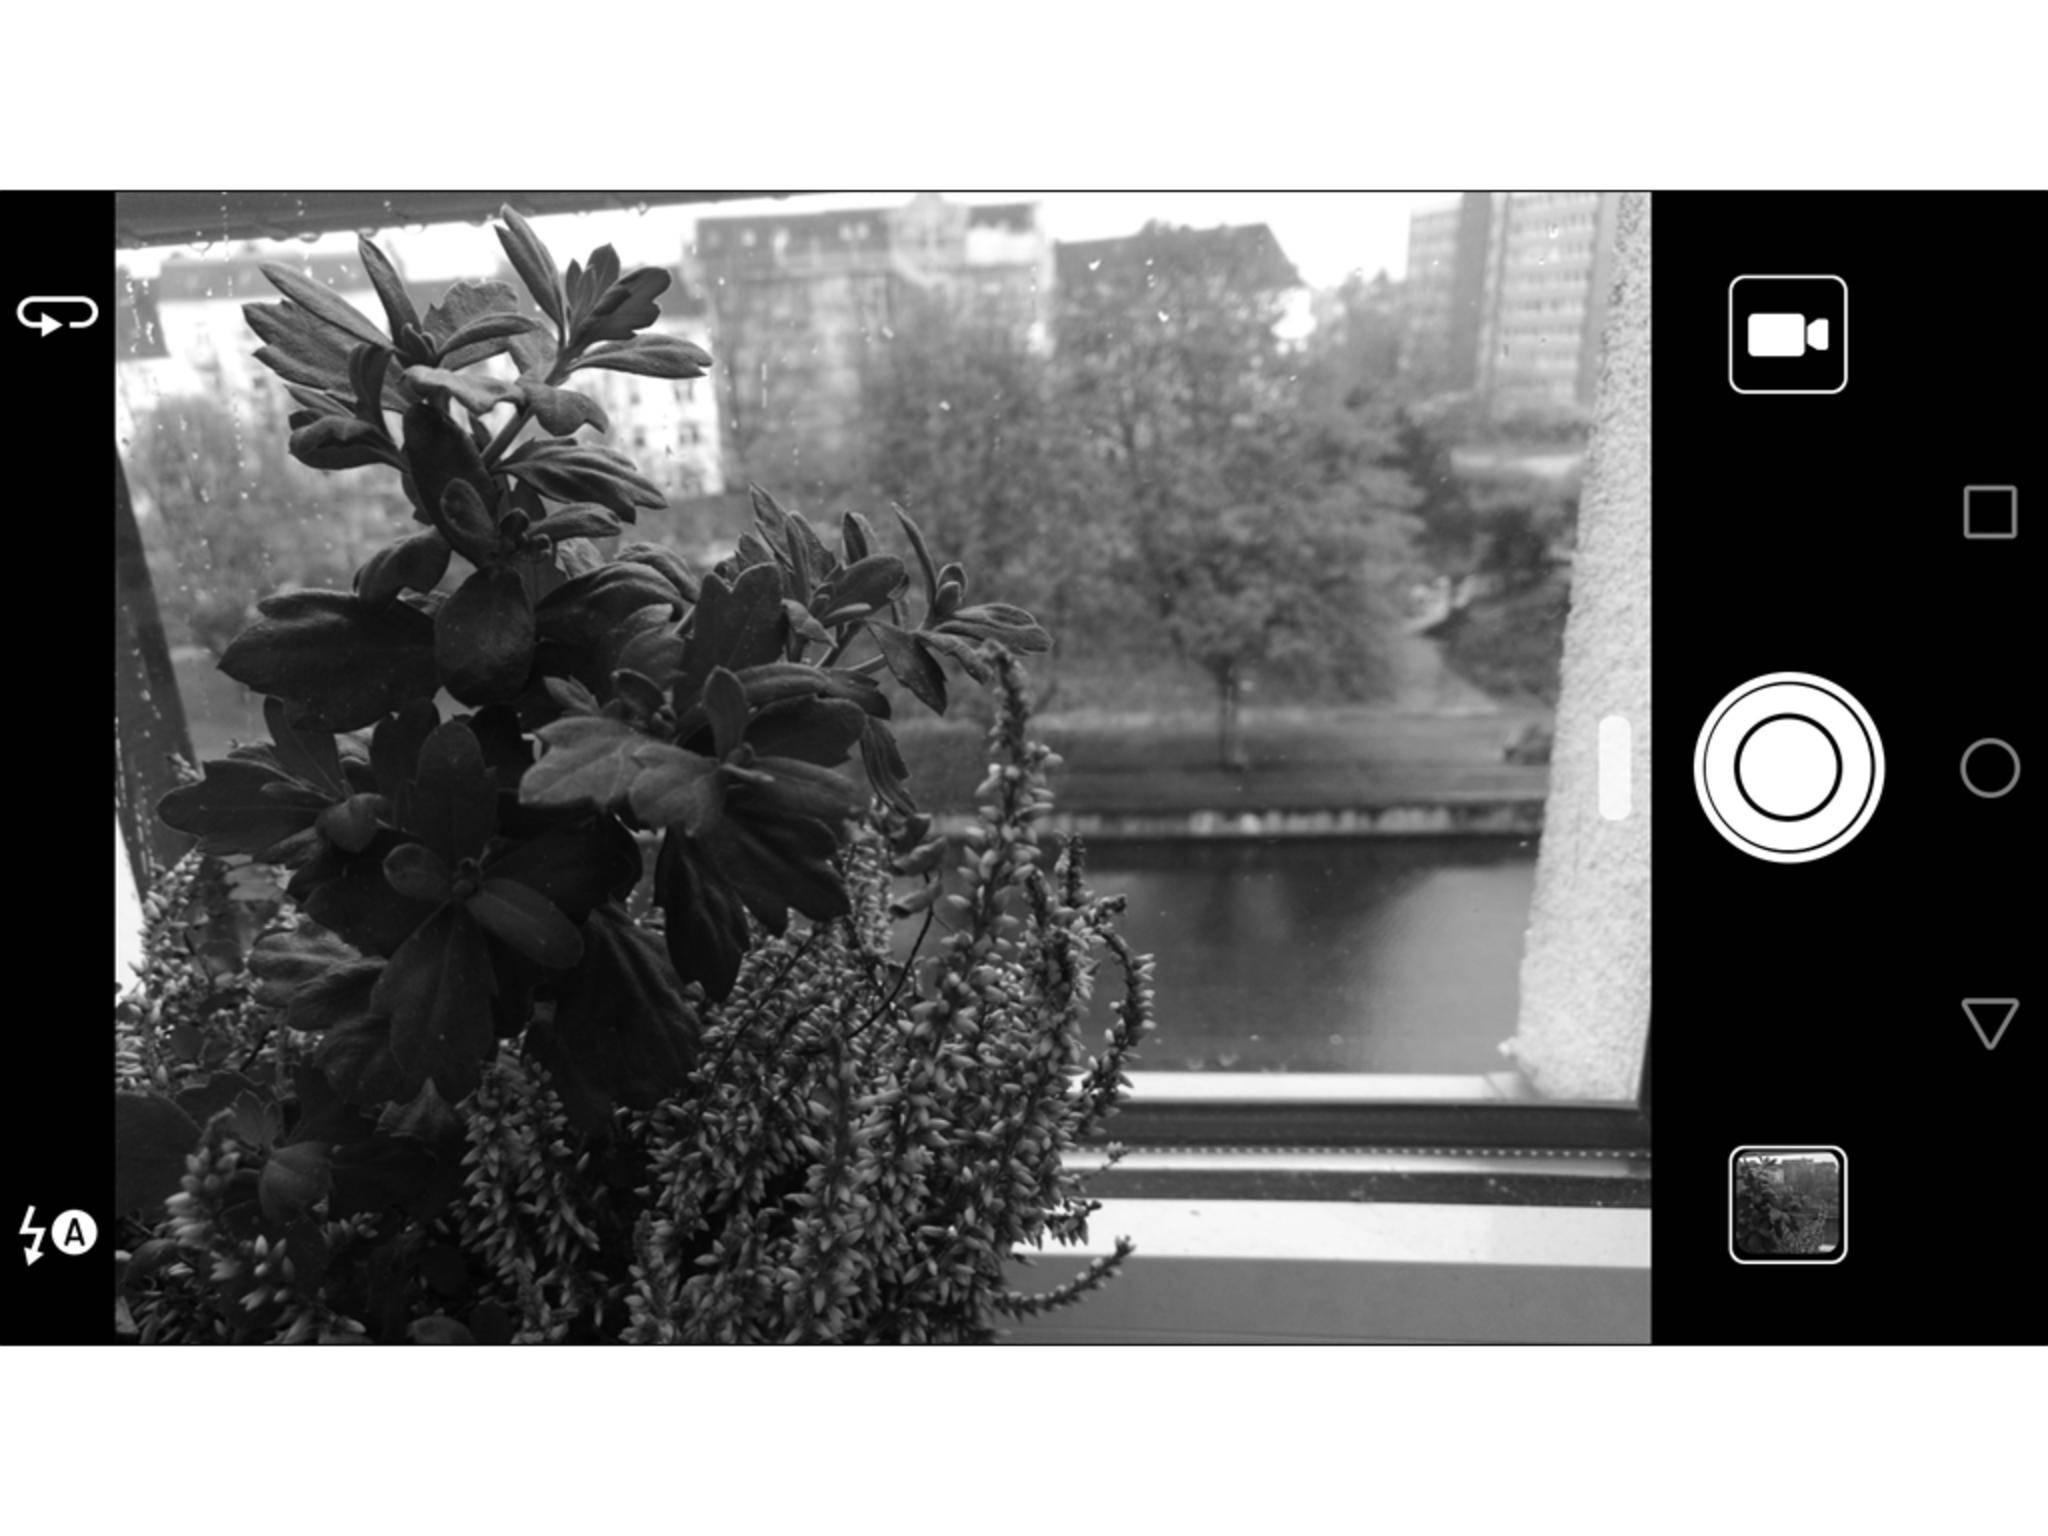 Dann entstehen Fotos ausschließlich in Schwarz-Weiß.